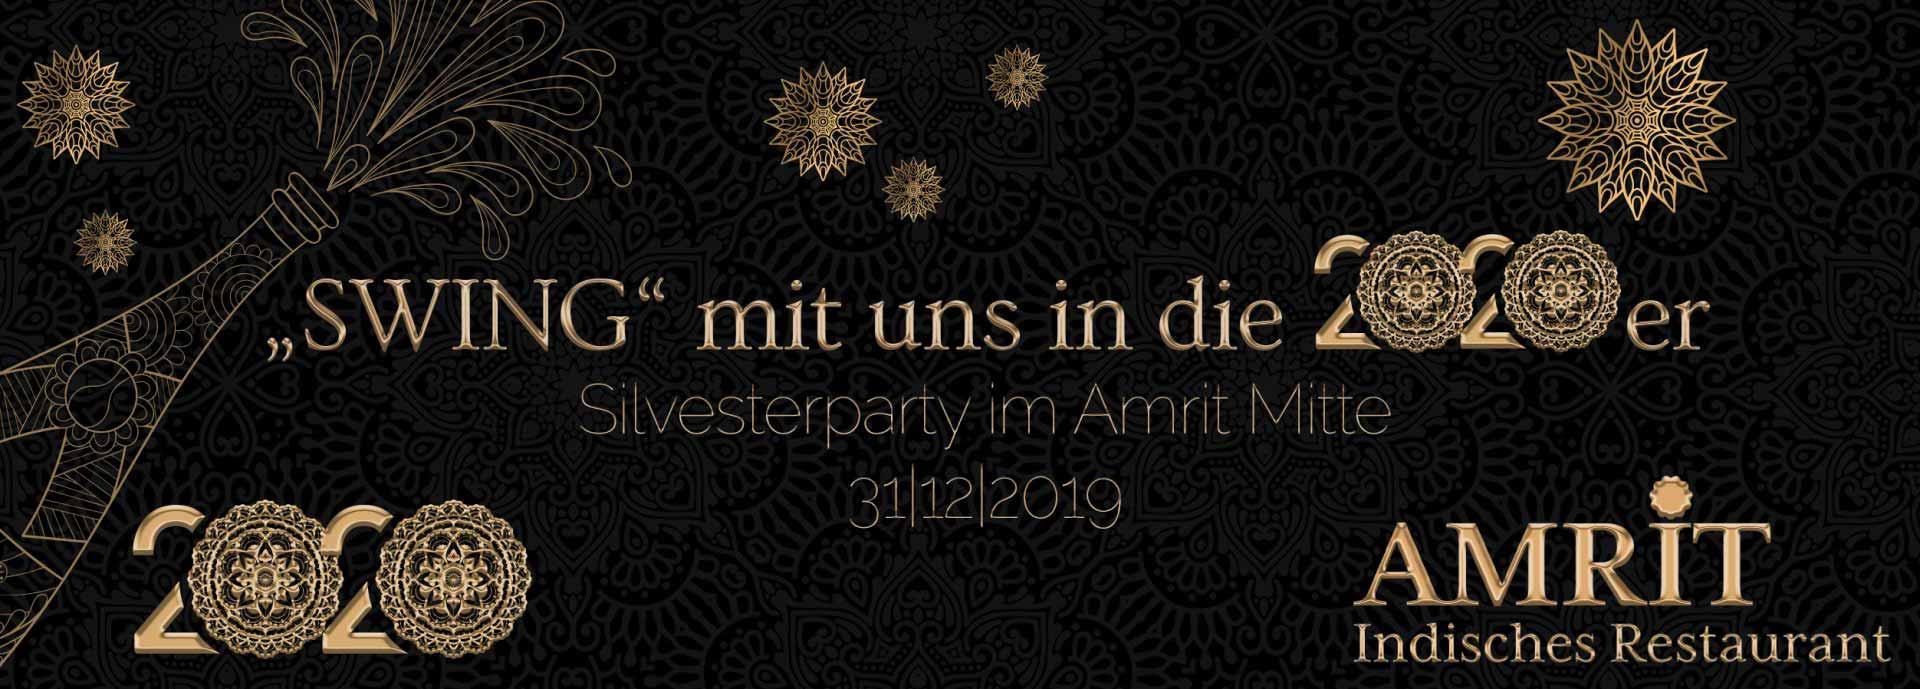 Amrit Berlin indisches Restaurant Silvester Banner